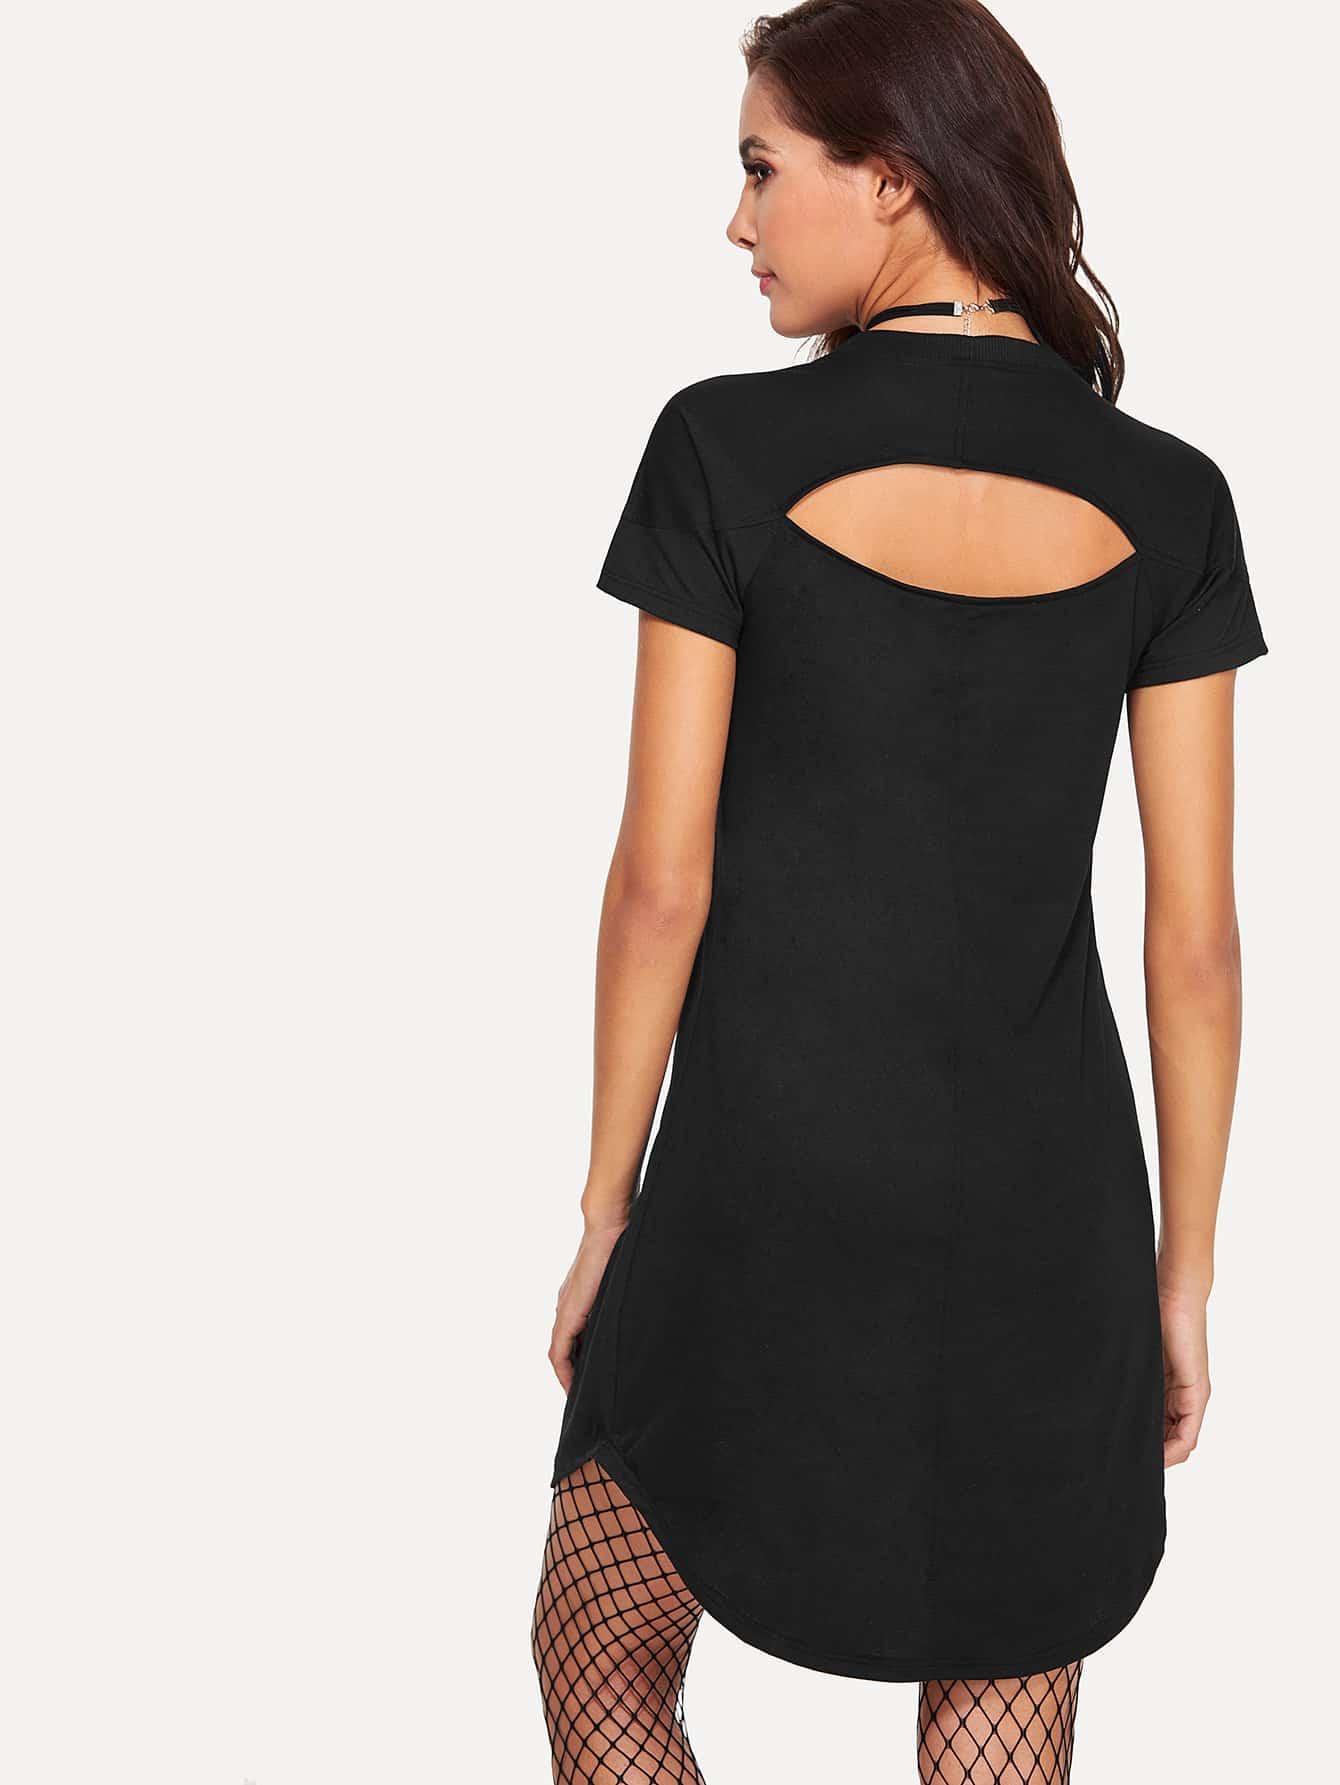 Cut Out Back Dress cut out pencil dress